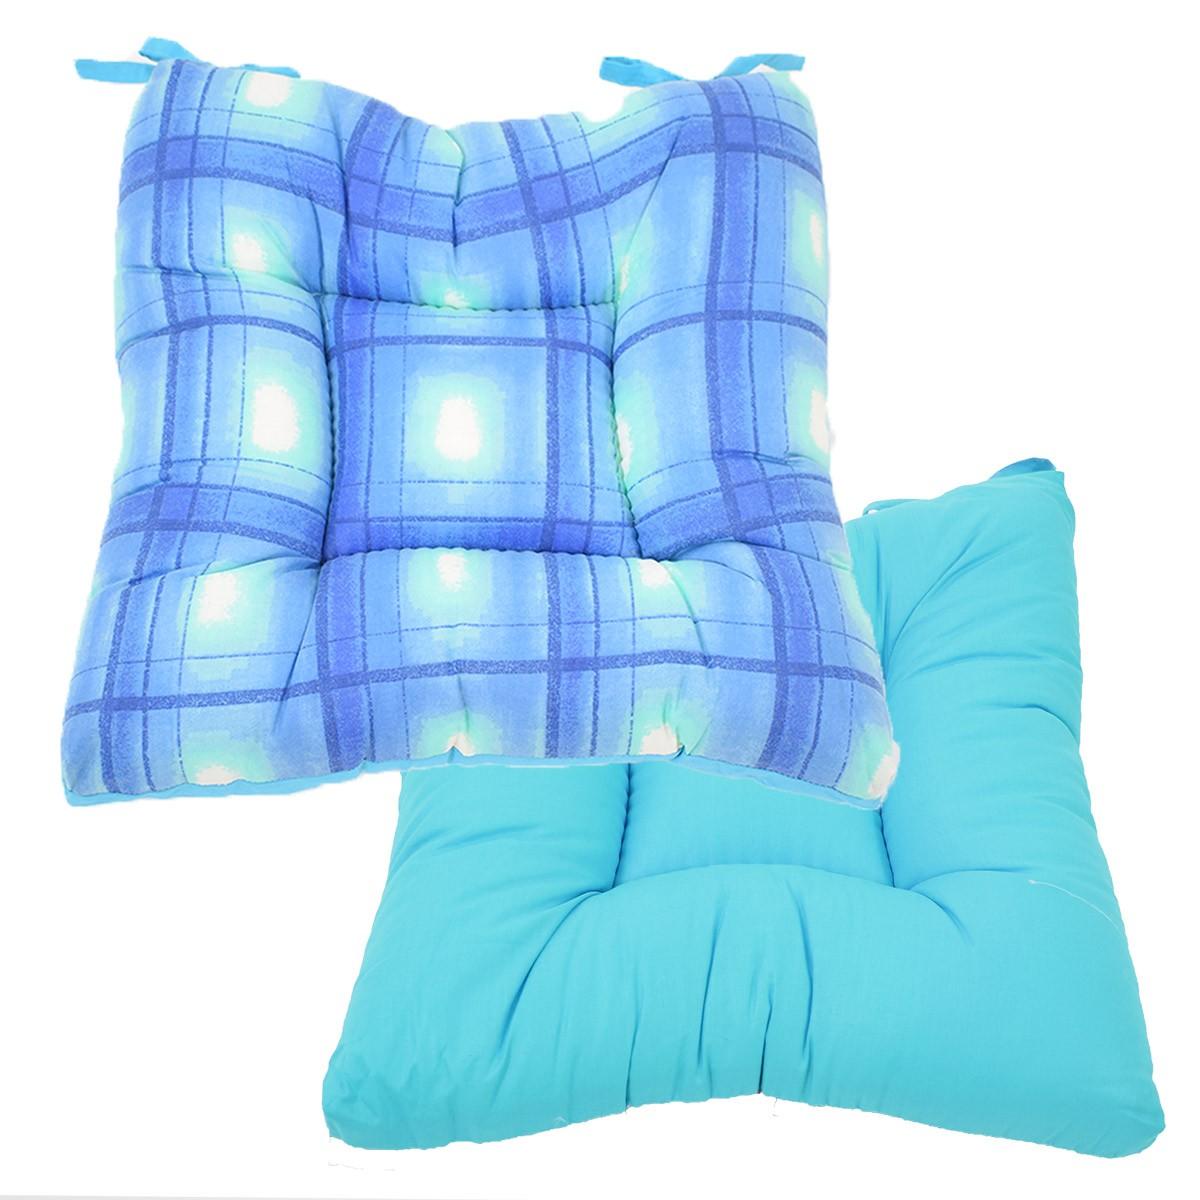 Μαξιλάρι Καρέκλας Φουσκωτό 2 Όψεων Fratoni DobleCara Blue